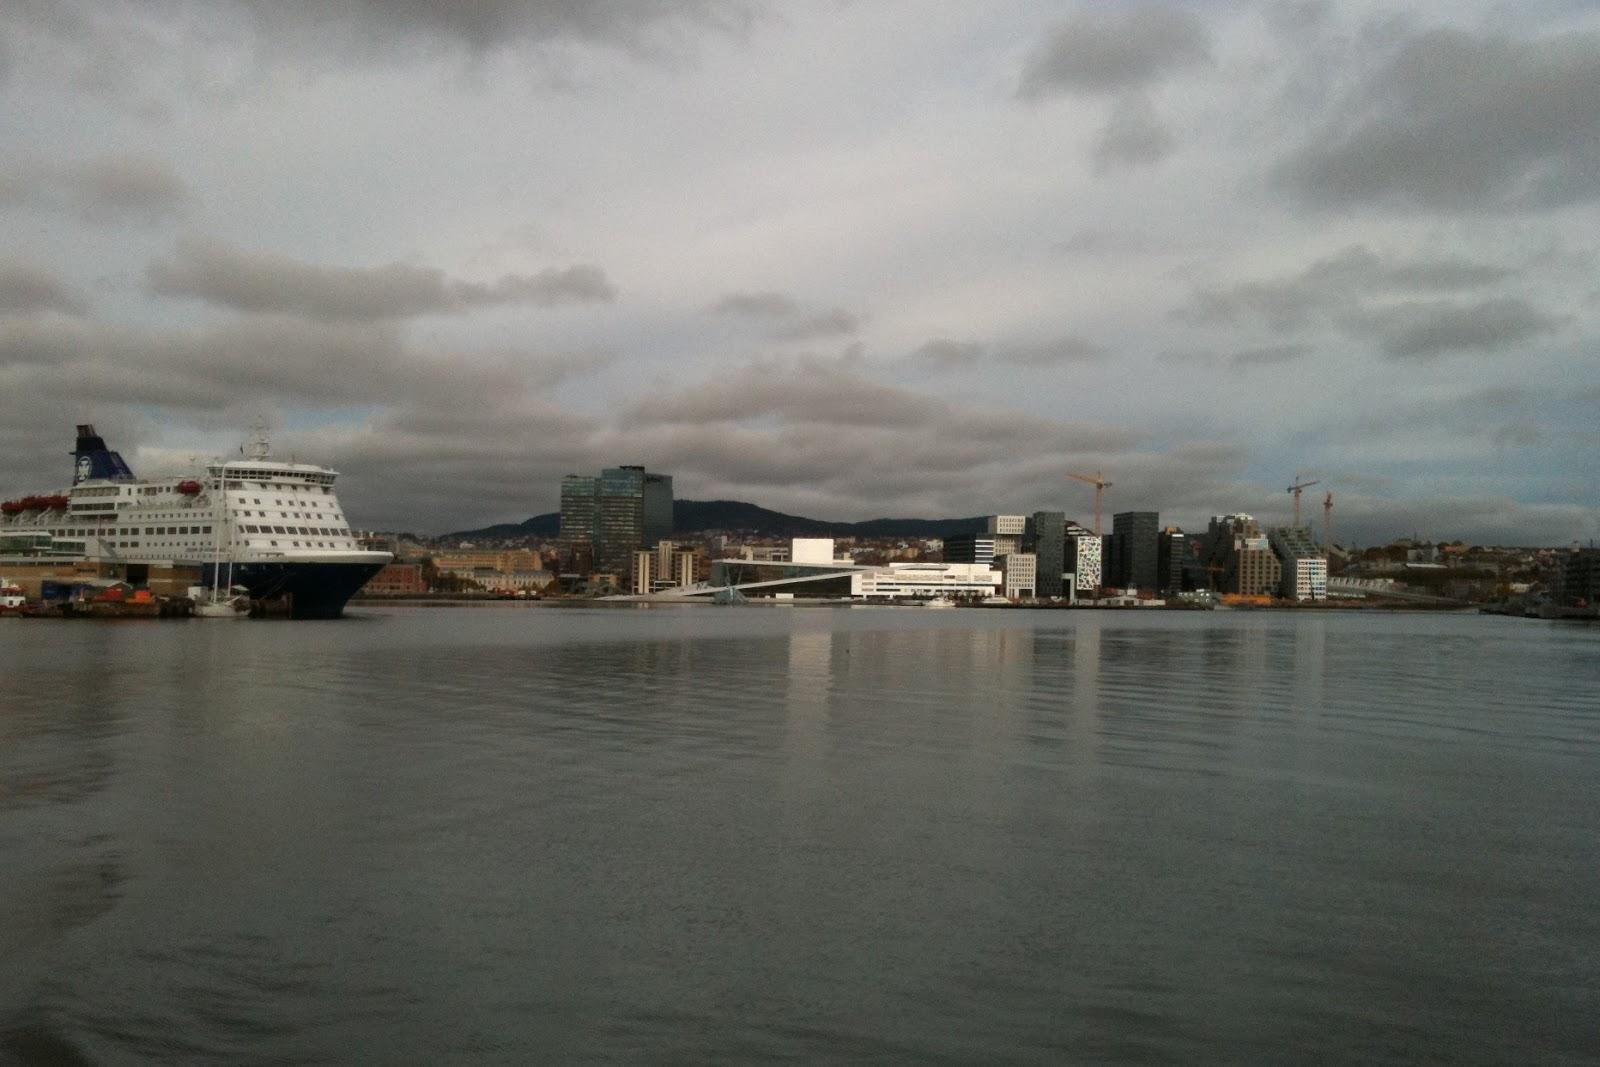 L'Opéra d'Oslo vu depuis le fjord.